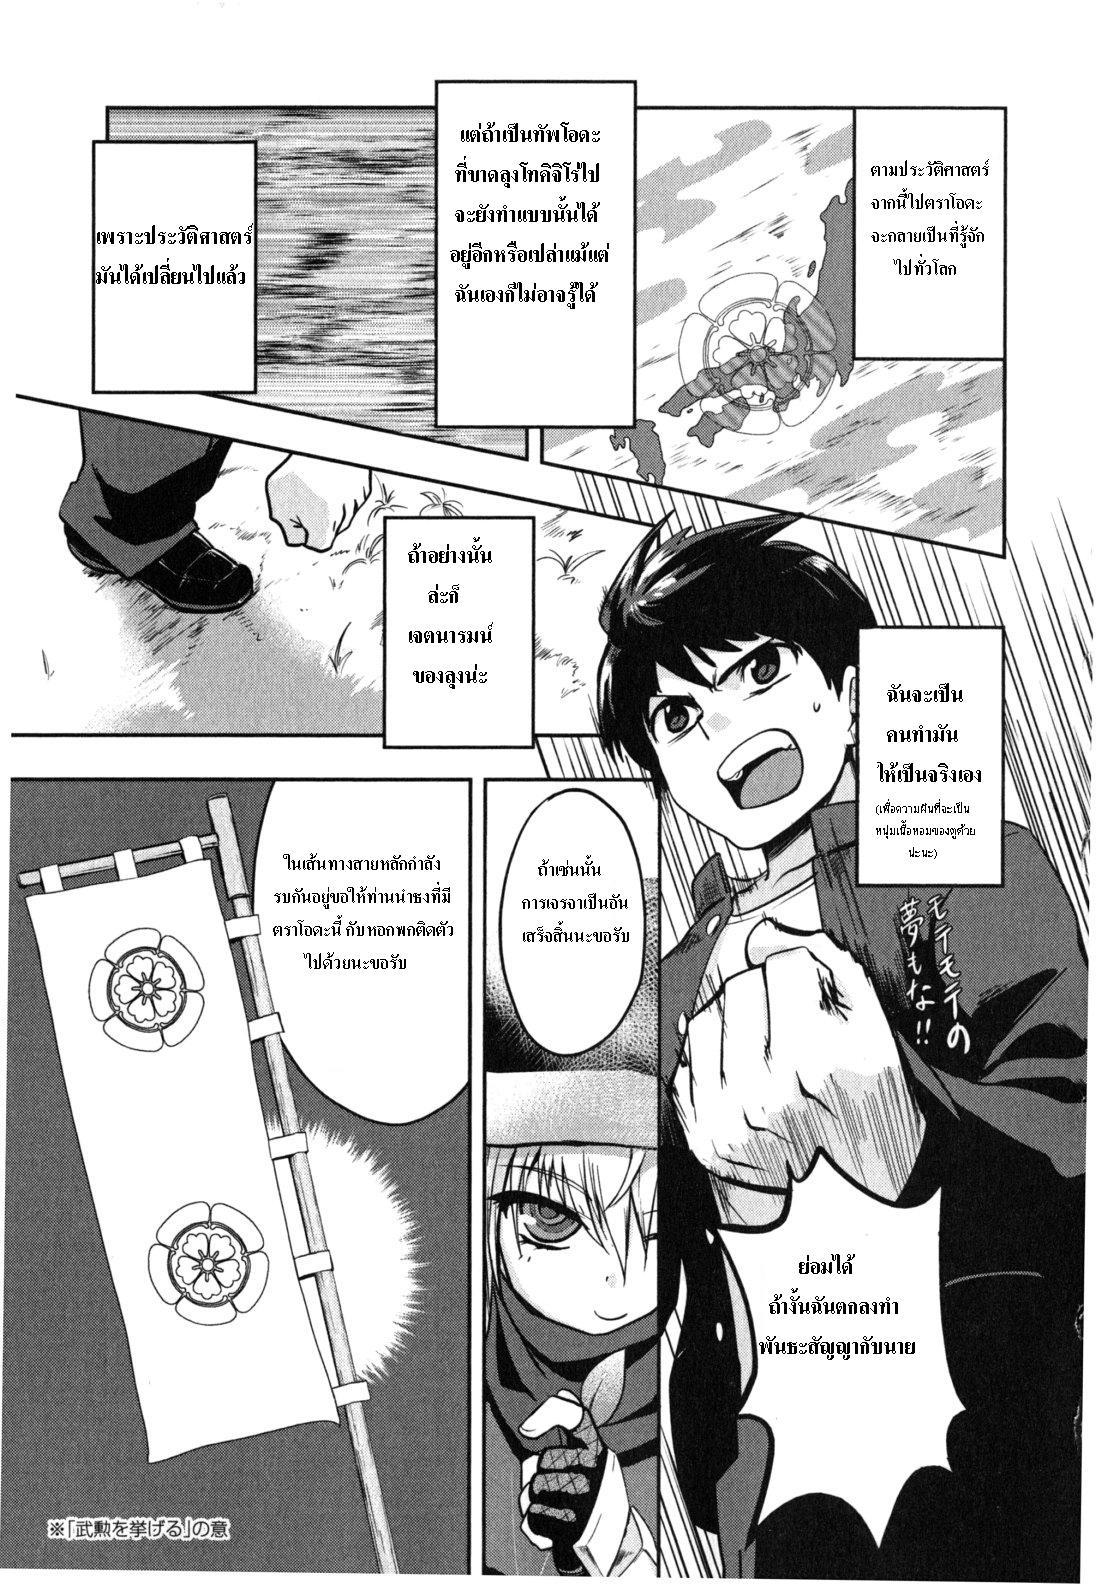 อ่านการ์ตูน Oda nobuna no yabou 1.1 ภาพที่ 17